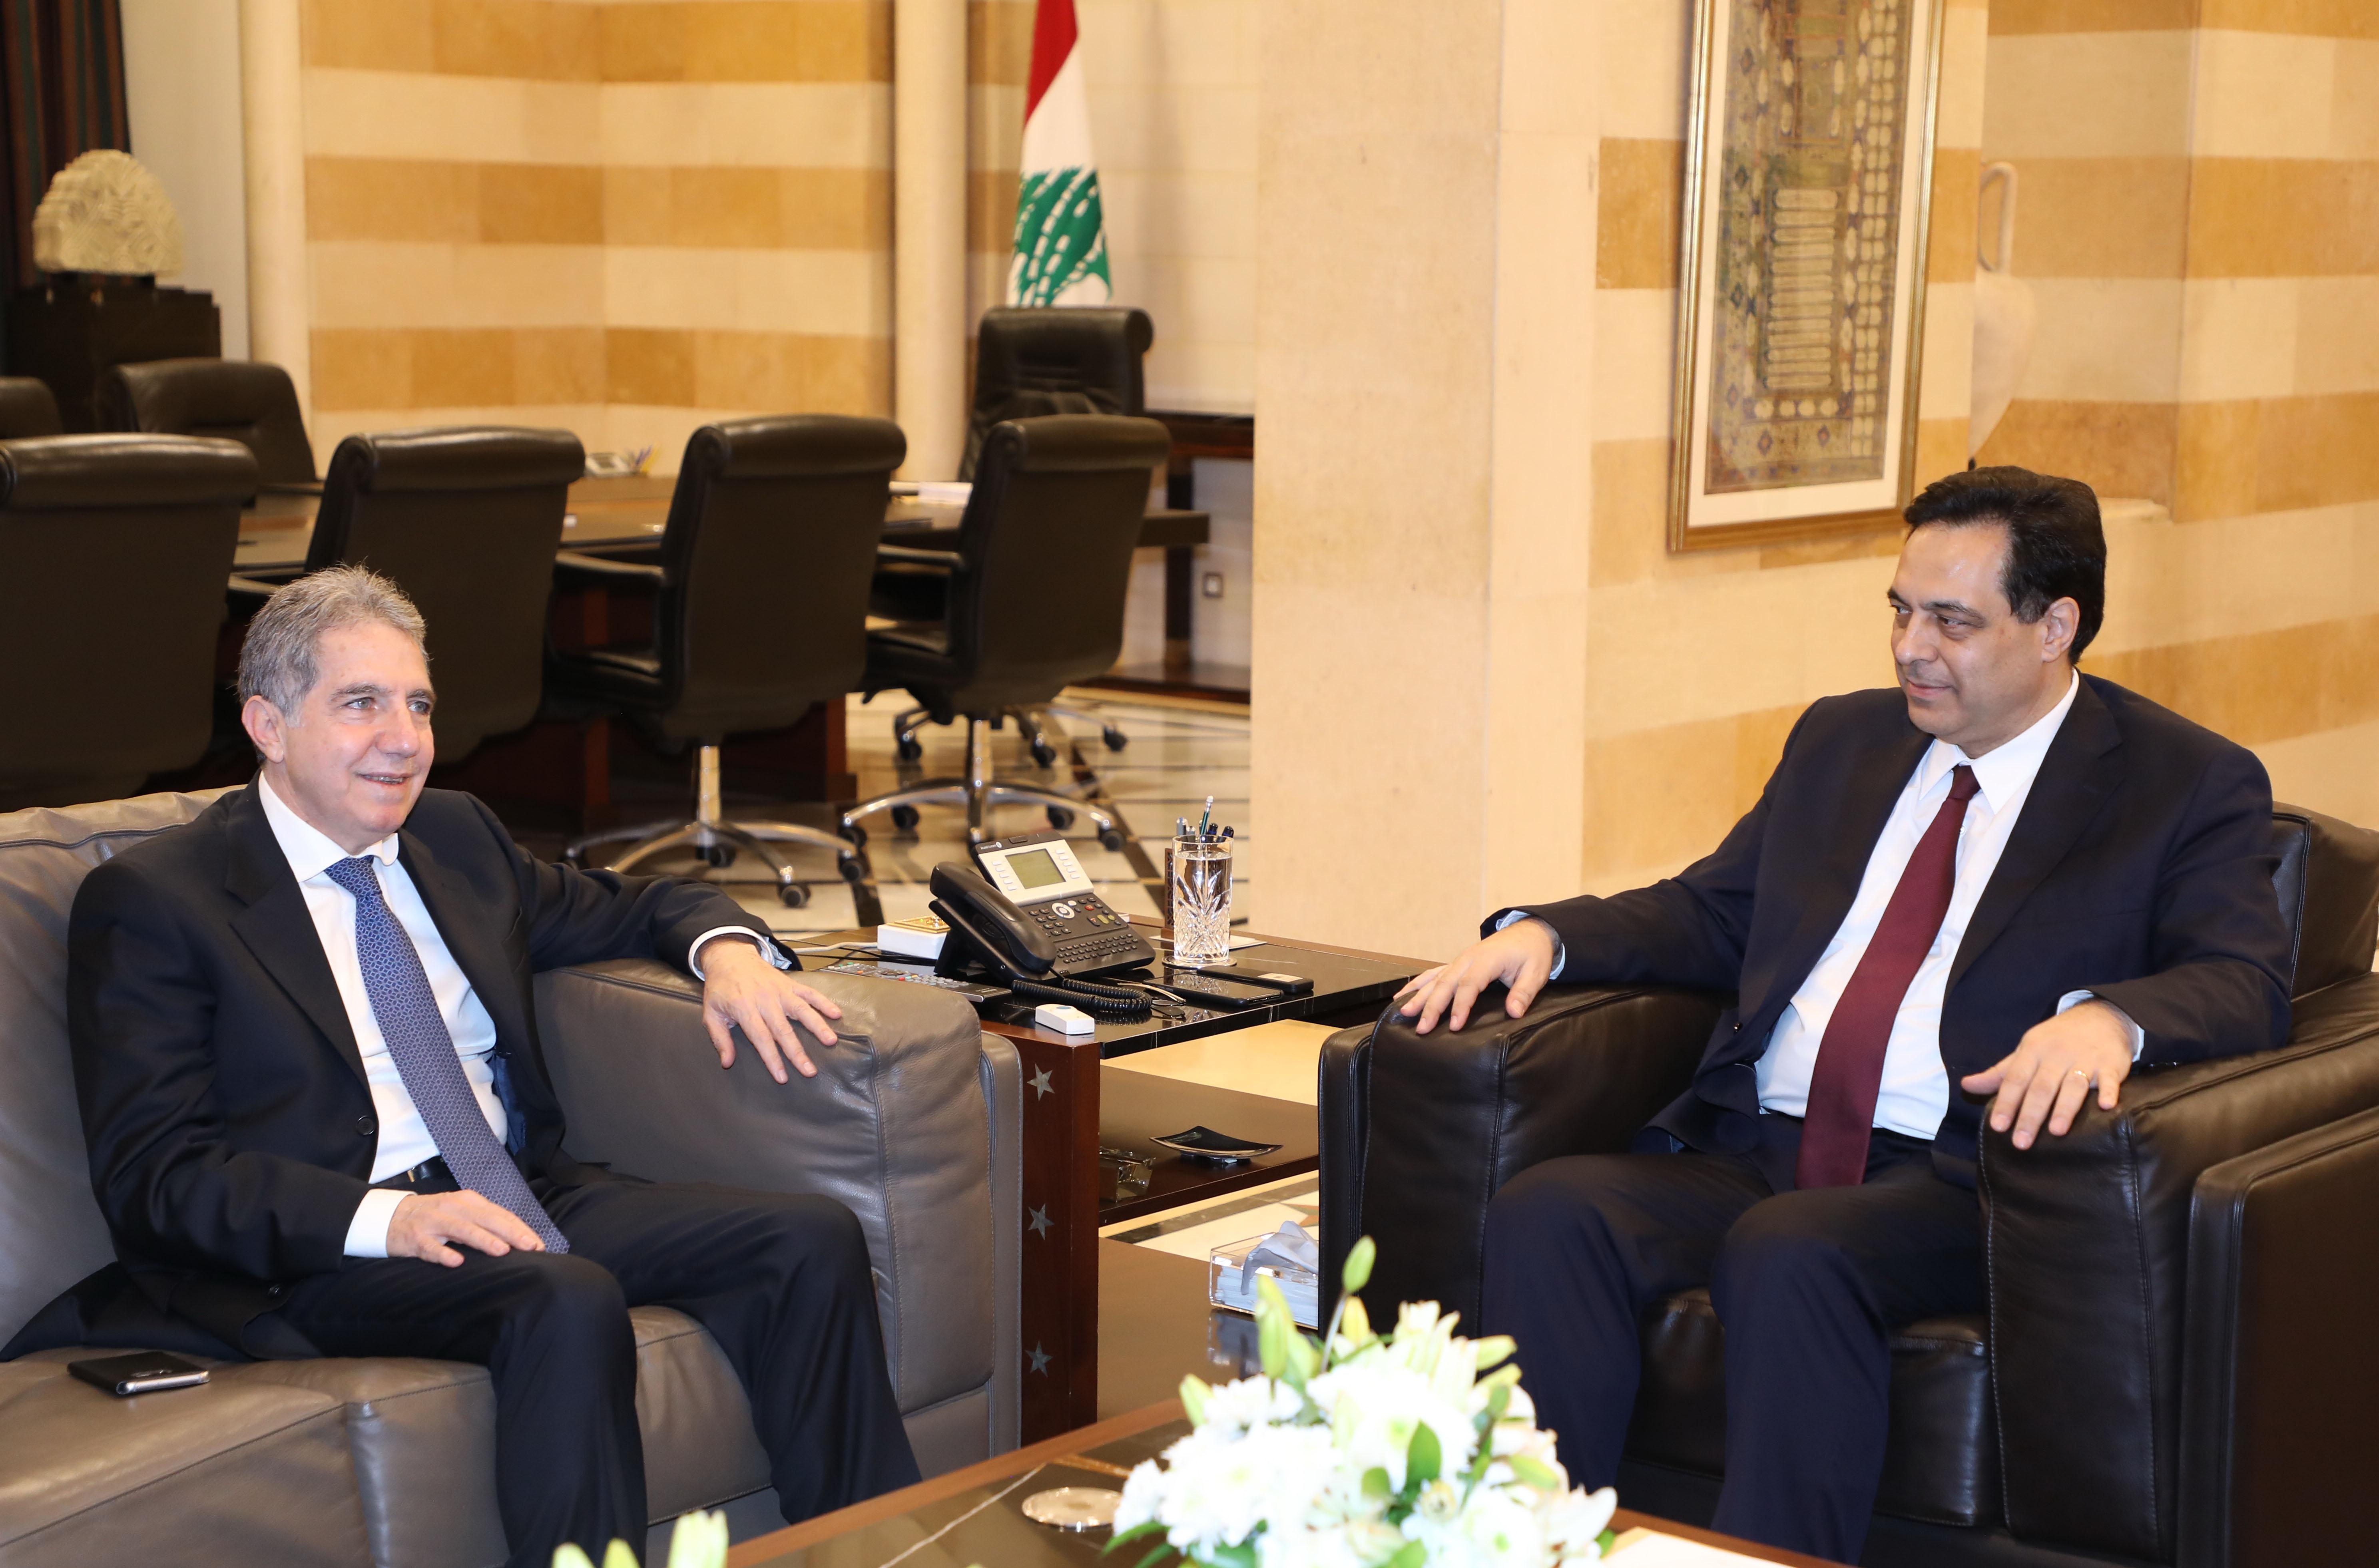 Pr Minister Haasan Diab meets Minister Ghazi Wazni